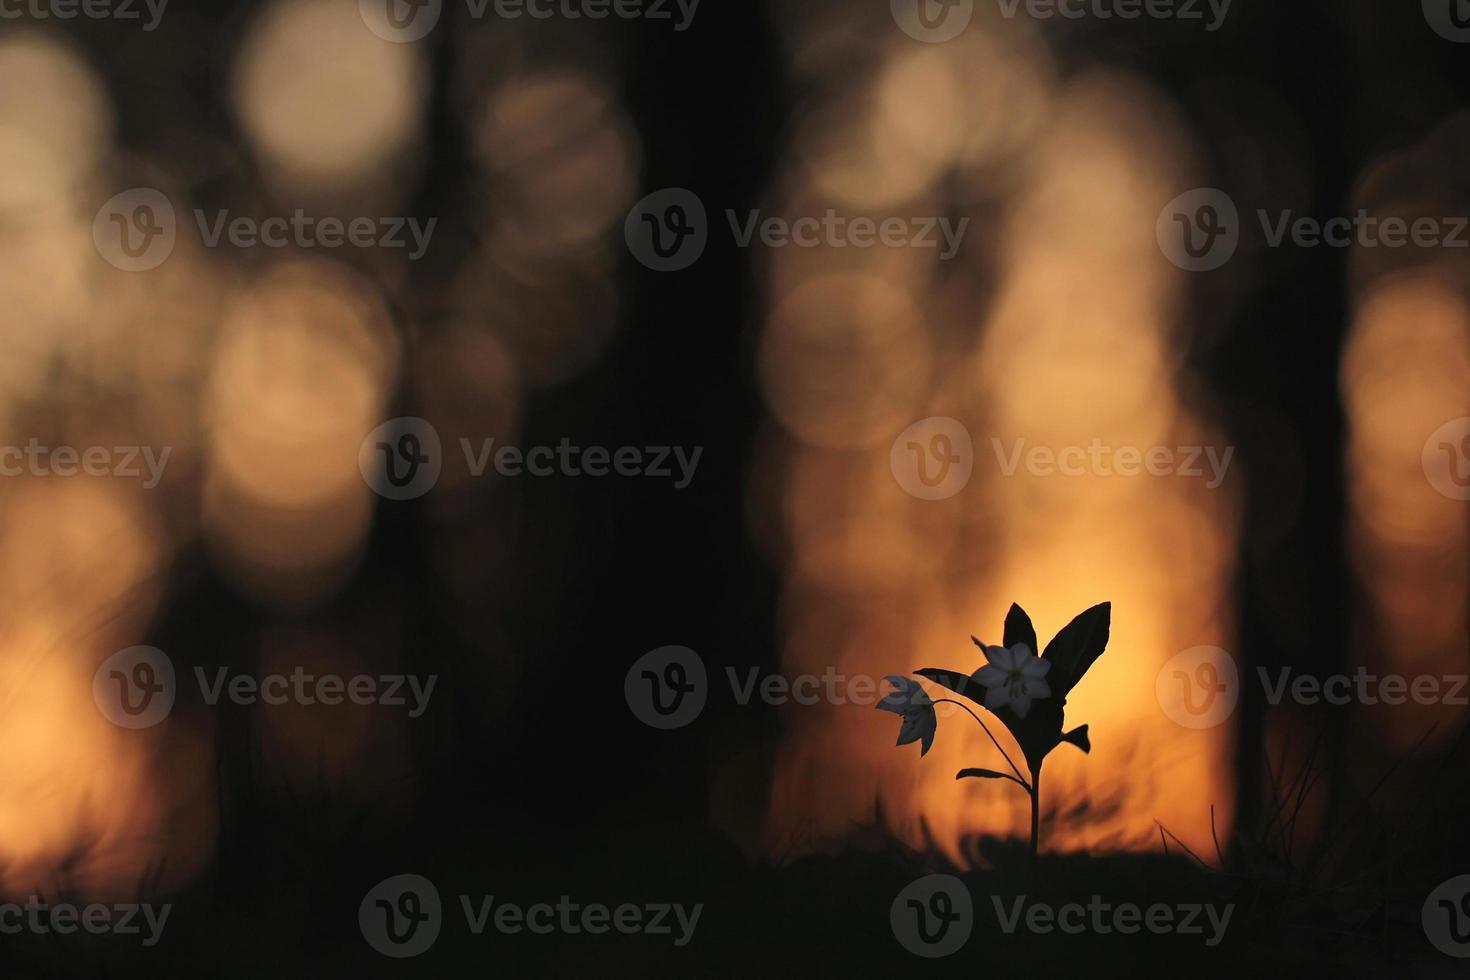 blomma i mörk skog arktisk starflower foto